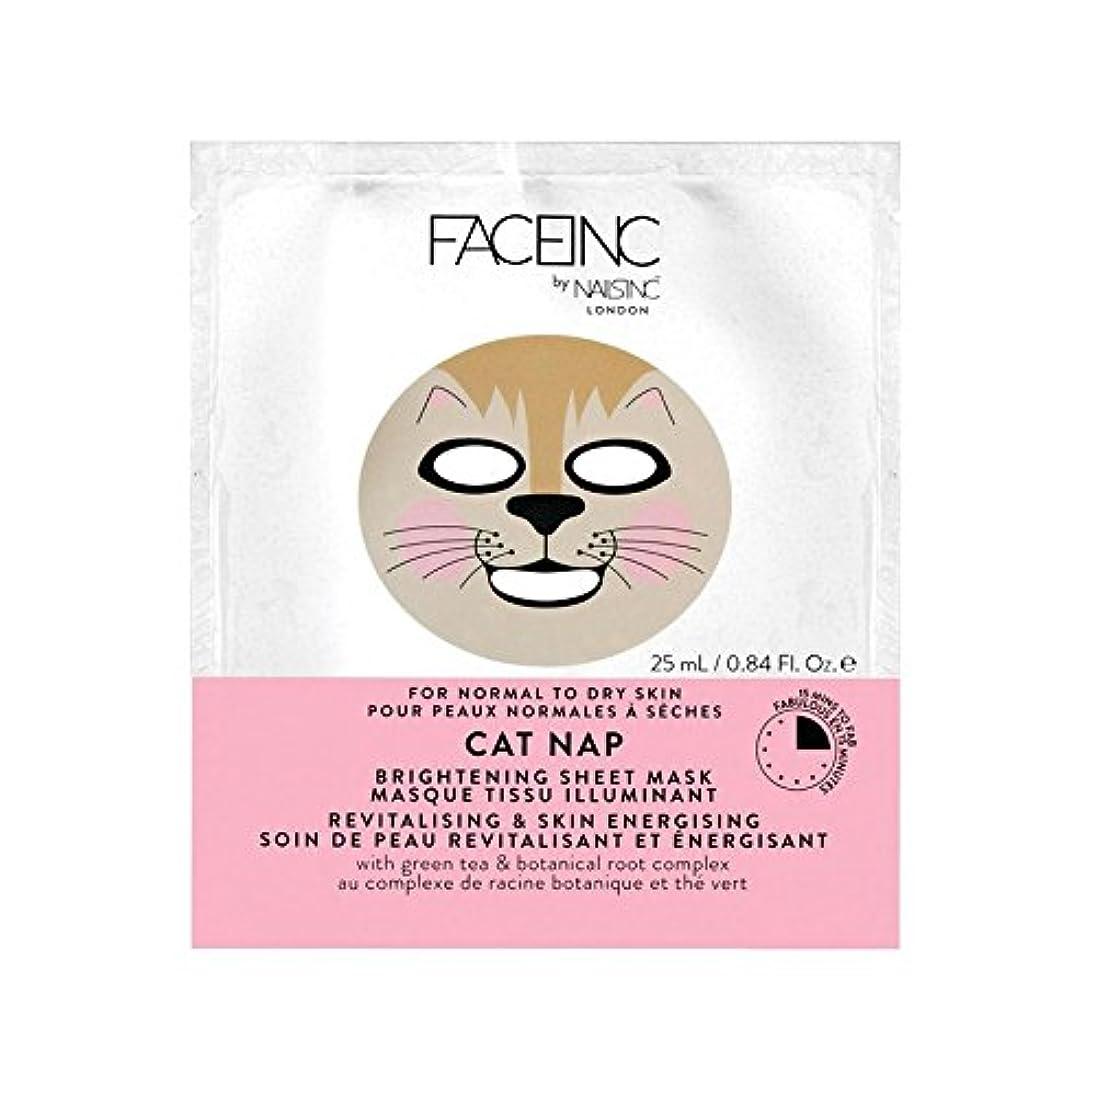 征服するかなりの扇動爪が株式会社顔猫の昼寝用マスク x4 - Nails Inc. Face Inc Cat Nap Mask (Pack of 4) [並行輸入品]